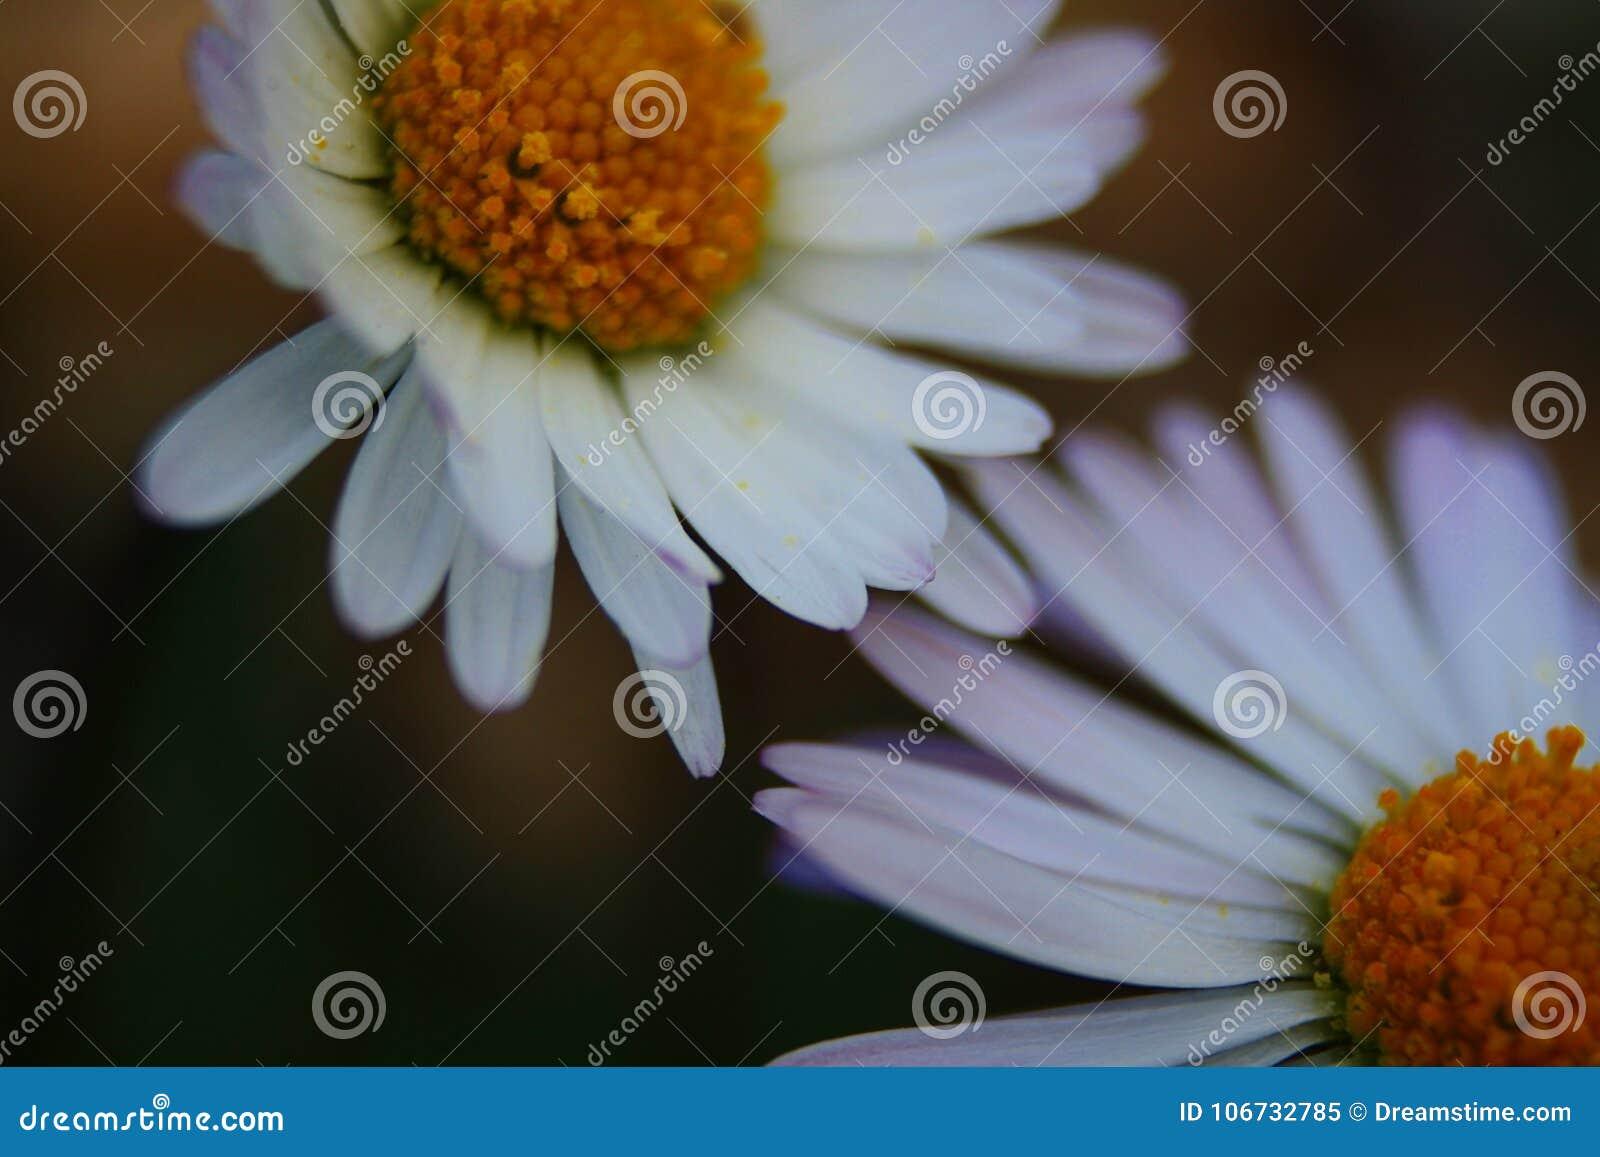 Flor de la primera planta de la mancha mediterránea en el salentina de la península con exposiciones largas al sol directo